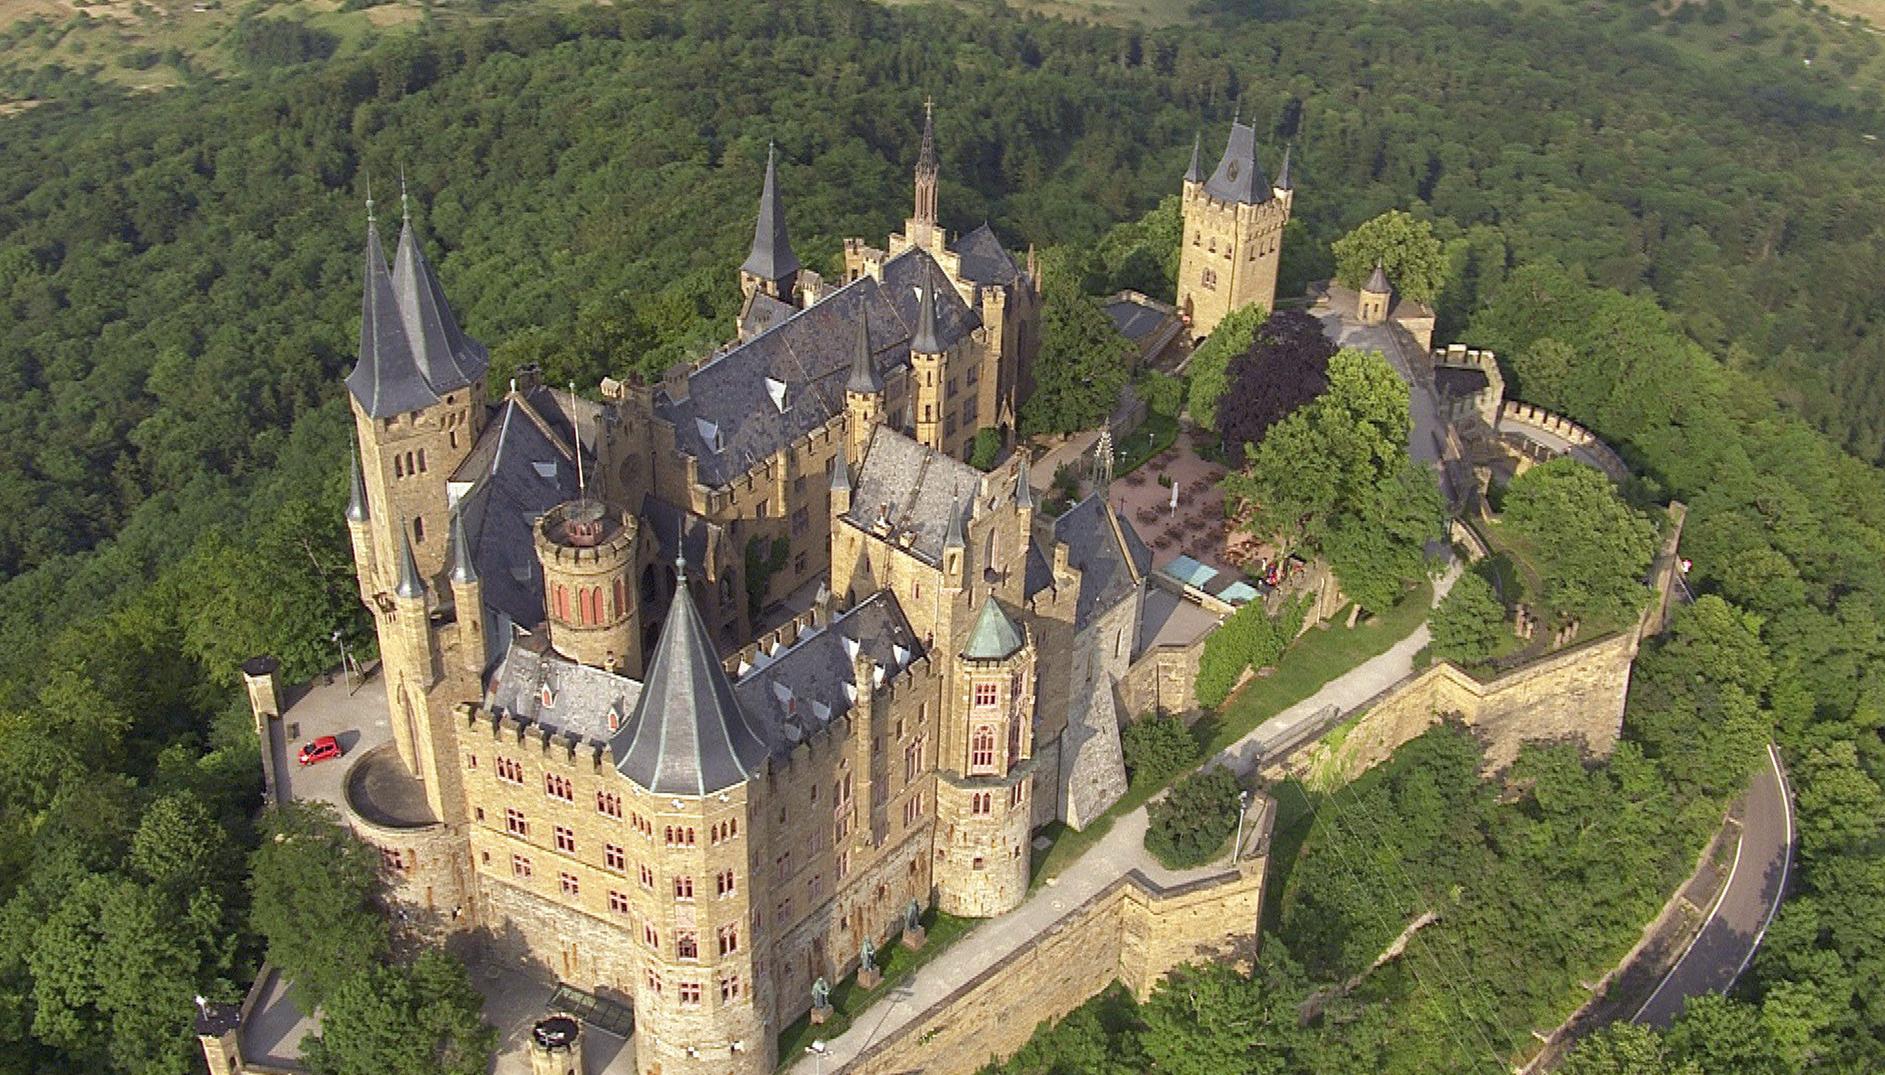 Auf knapp 900 Metern Höhe ragt das Schloss Hohenzollern gen Himmel – und der Stammsitz der Dynastie des letzten deutschen Kaisers imponiert auch von oben.  © ZDF/SWR/Vidicom